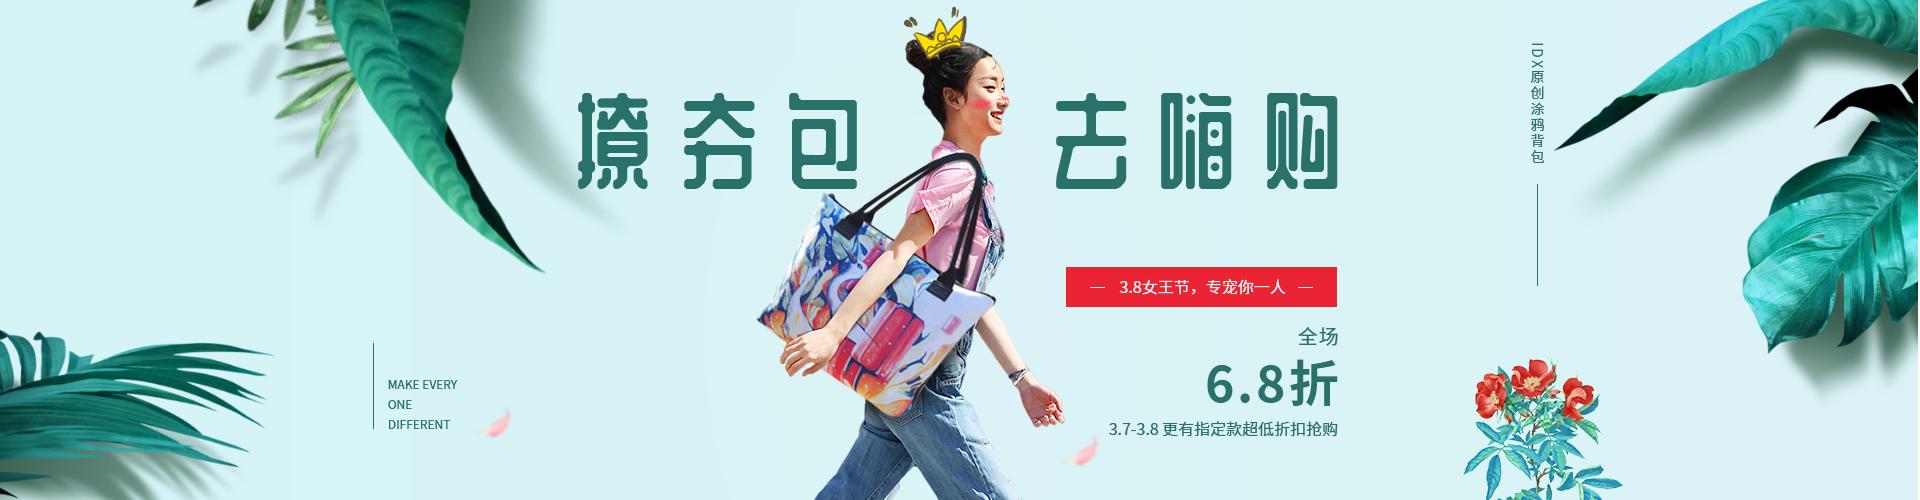 38妇女节专享 涂鸦背包